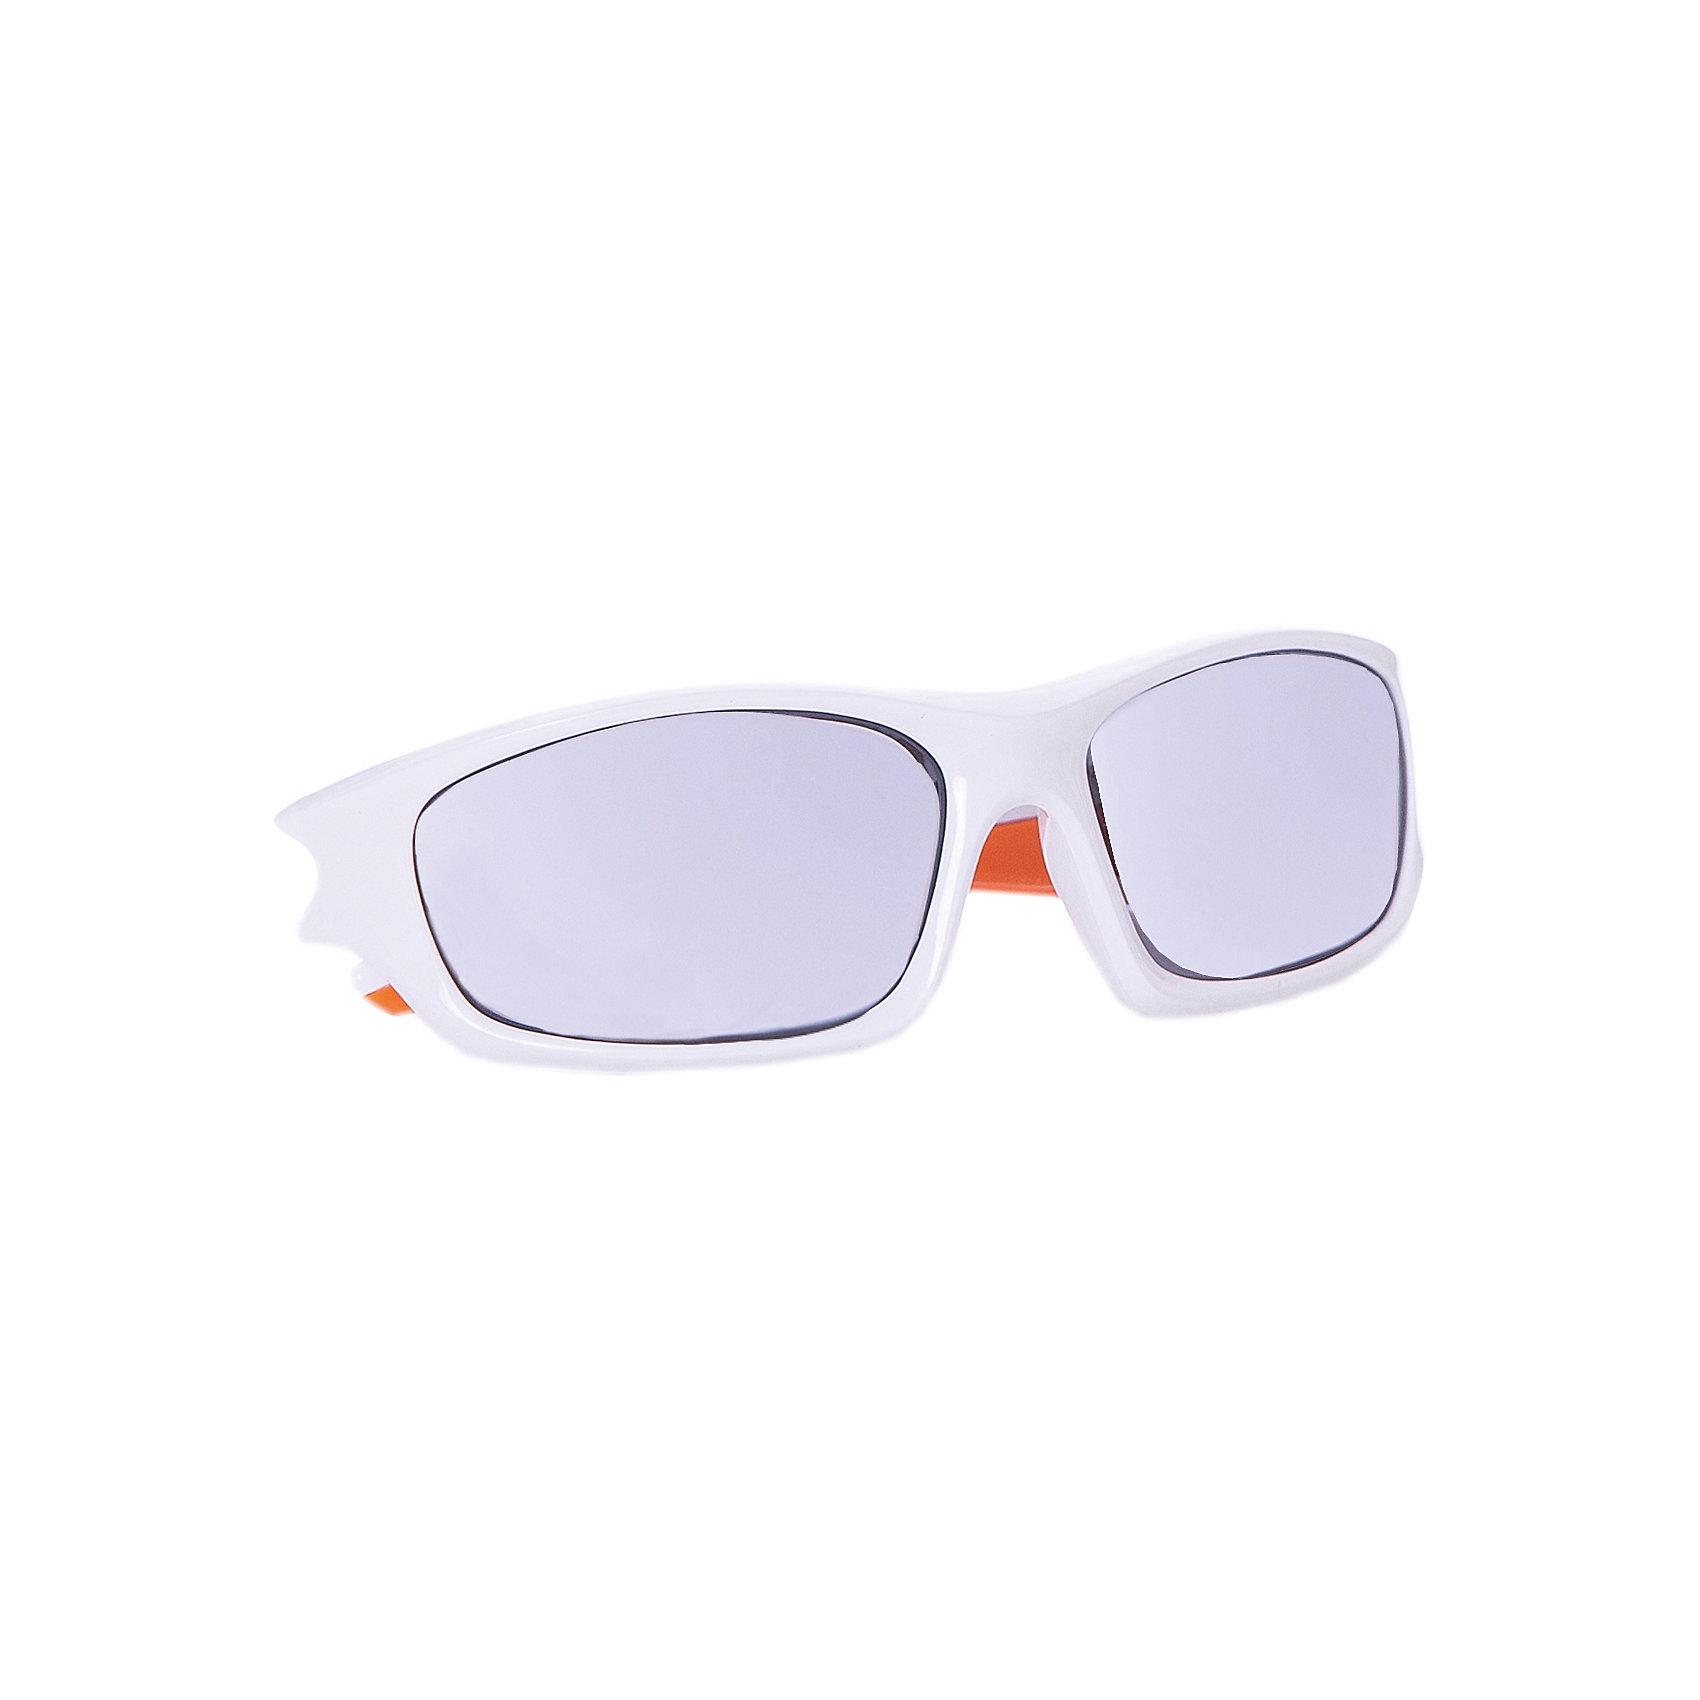 Очки солнцезащитные FLEXXY TEEN, бело-оранжевые, ALPINA